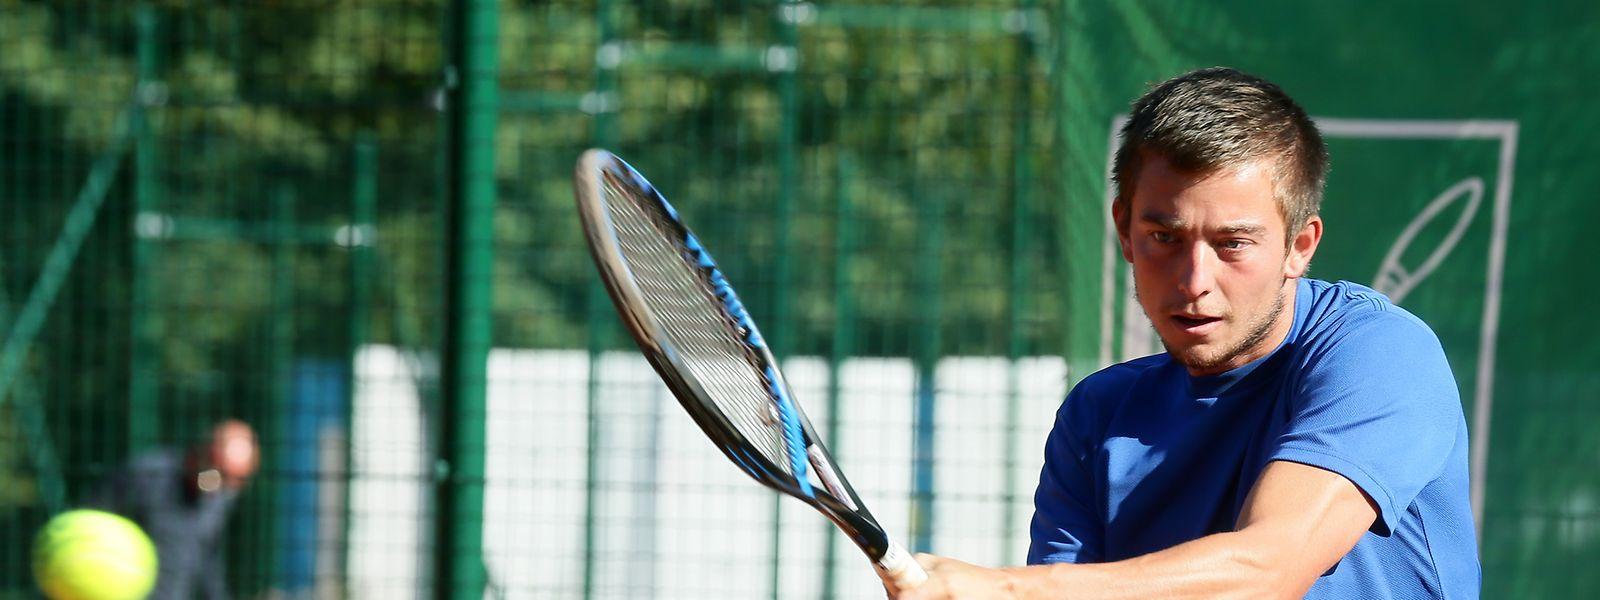 Christophe Tholl verlor mit 3:6 und 3:6 gegen die Nummer 36 der Welt, Hubert Hurkacz.